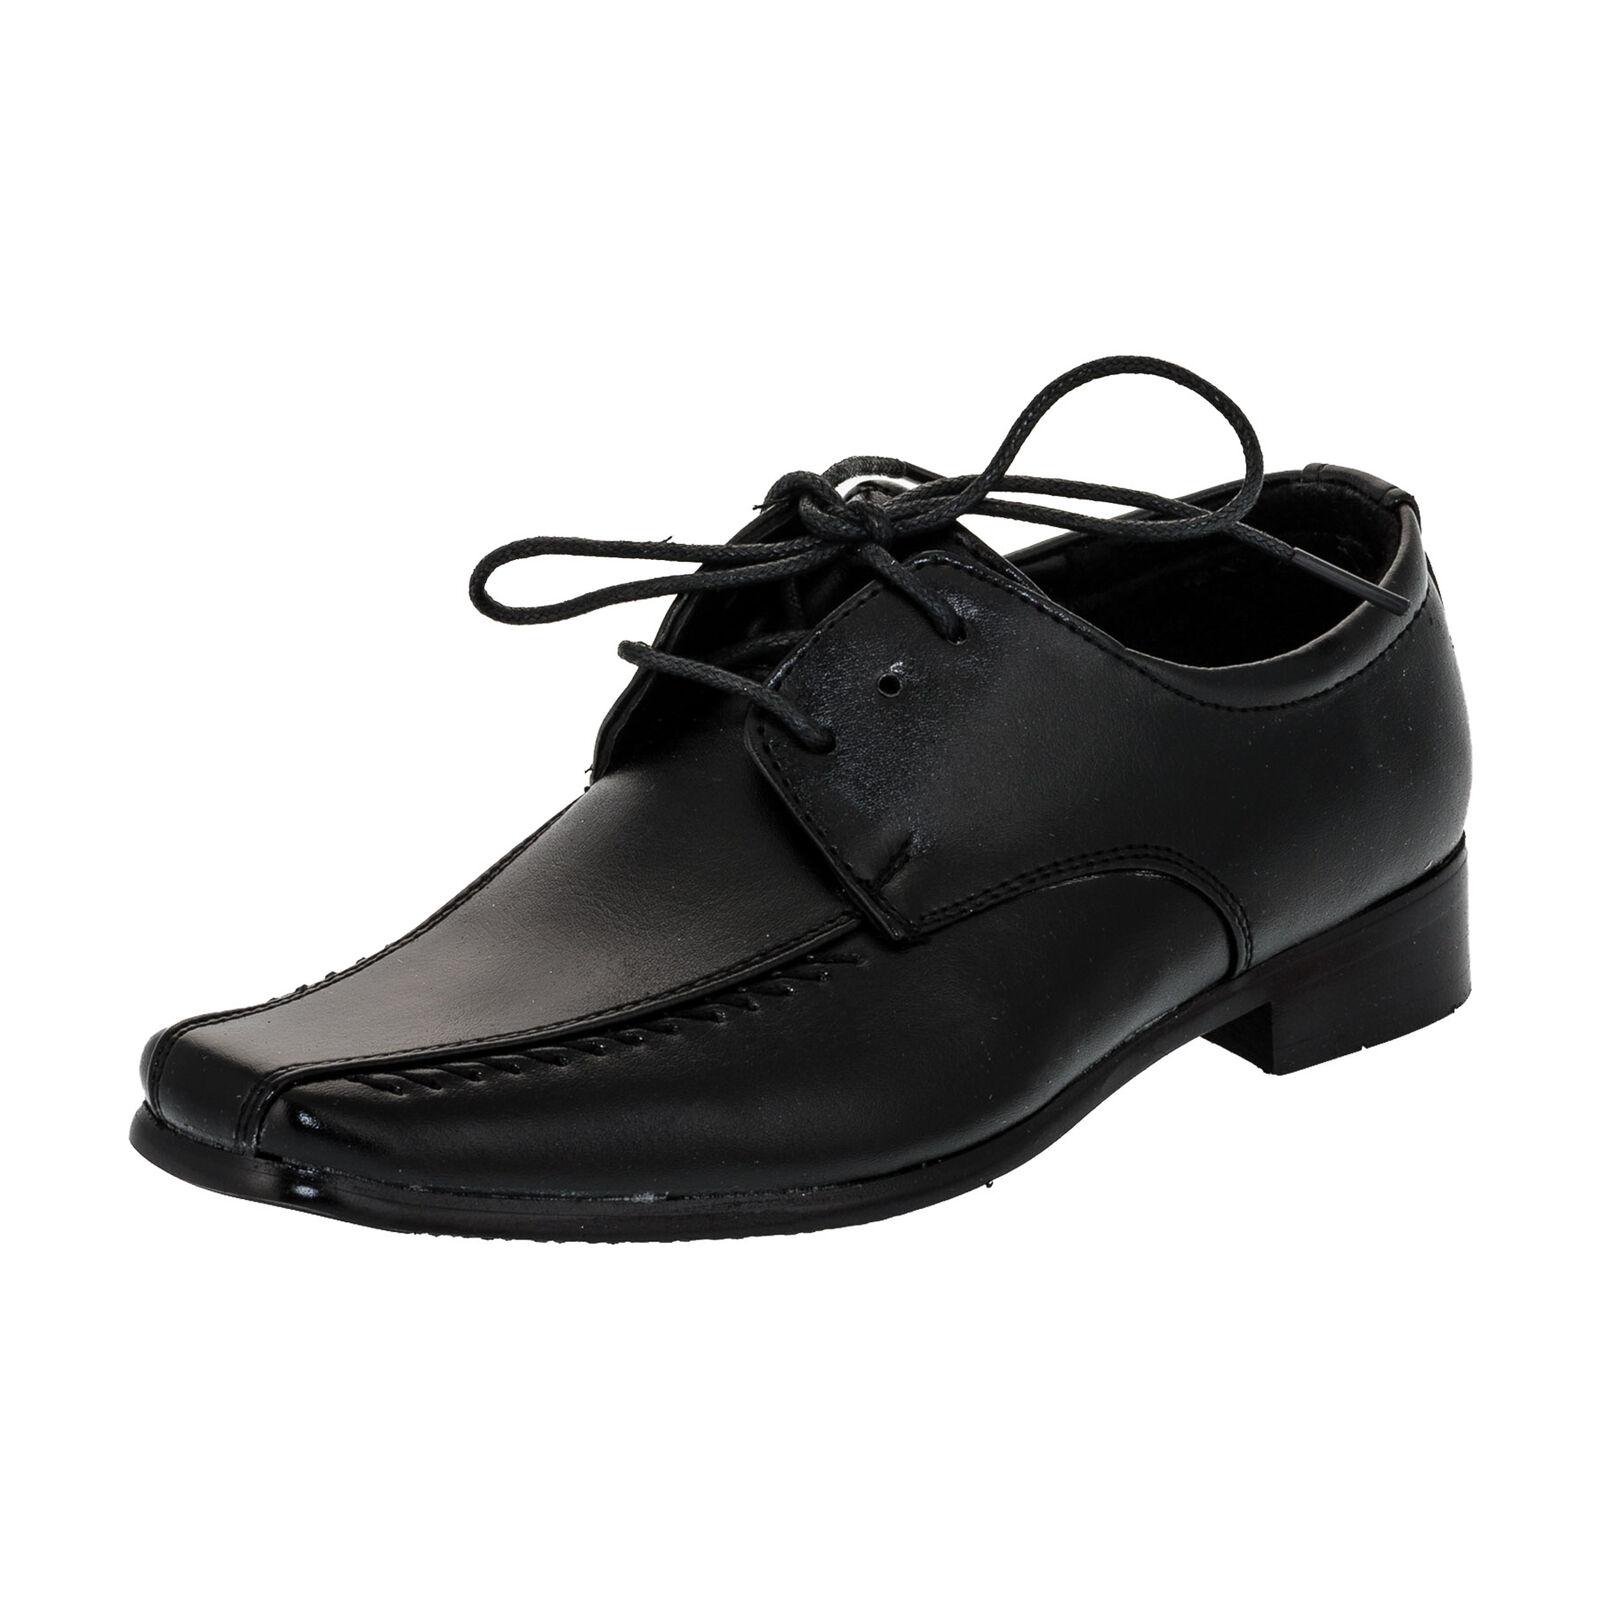 2e7b6bbd31a96d Innen Leder festliche Kinder Anzug Schuhe Hochzeit Jungen ...